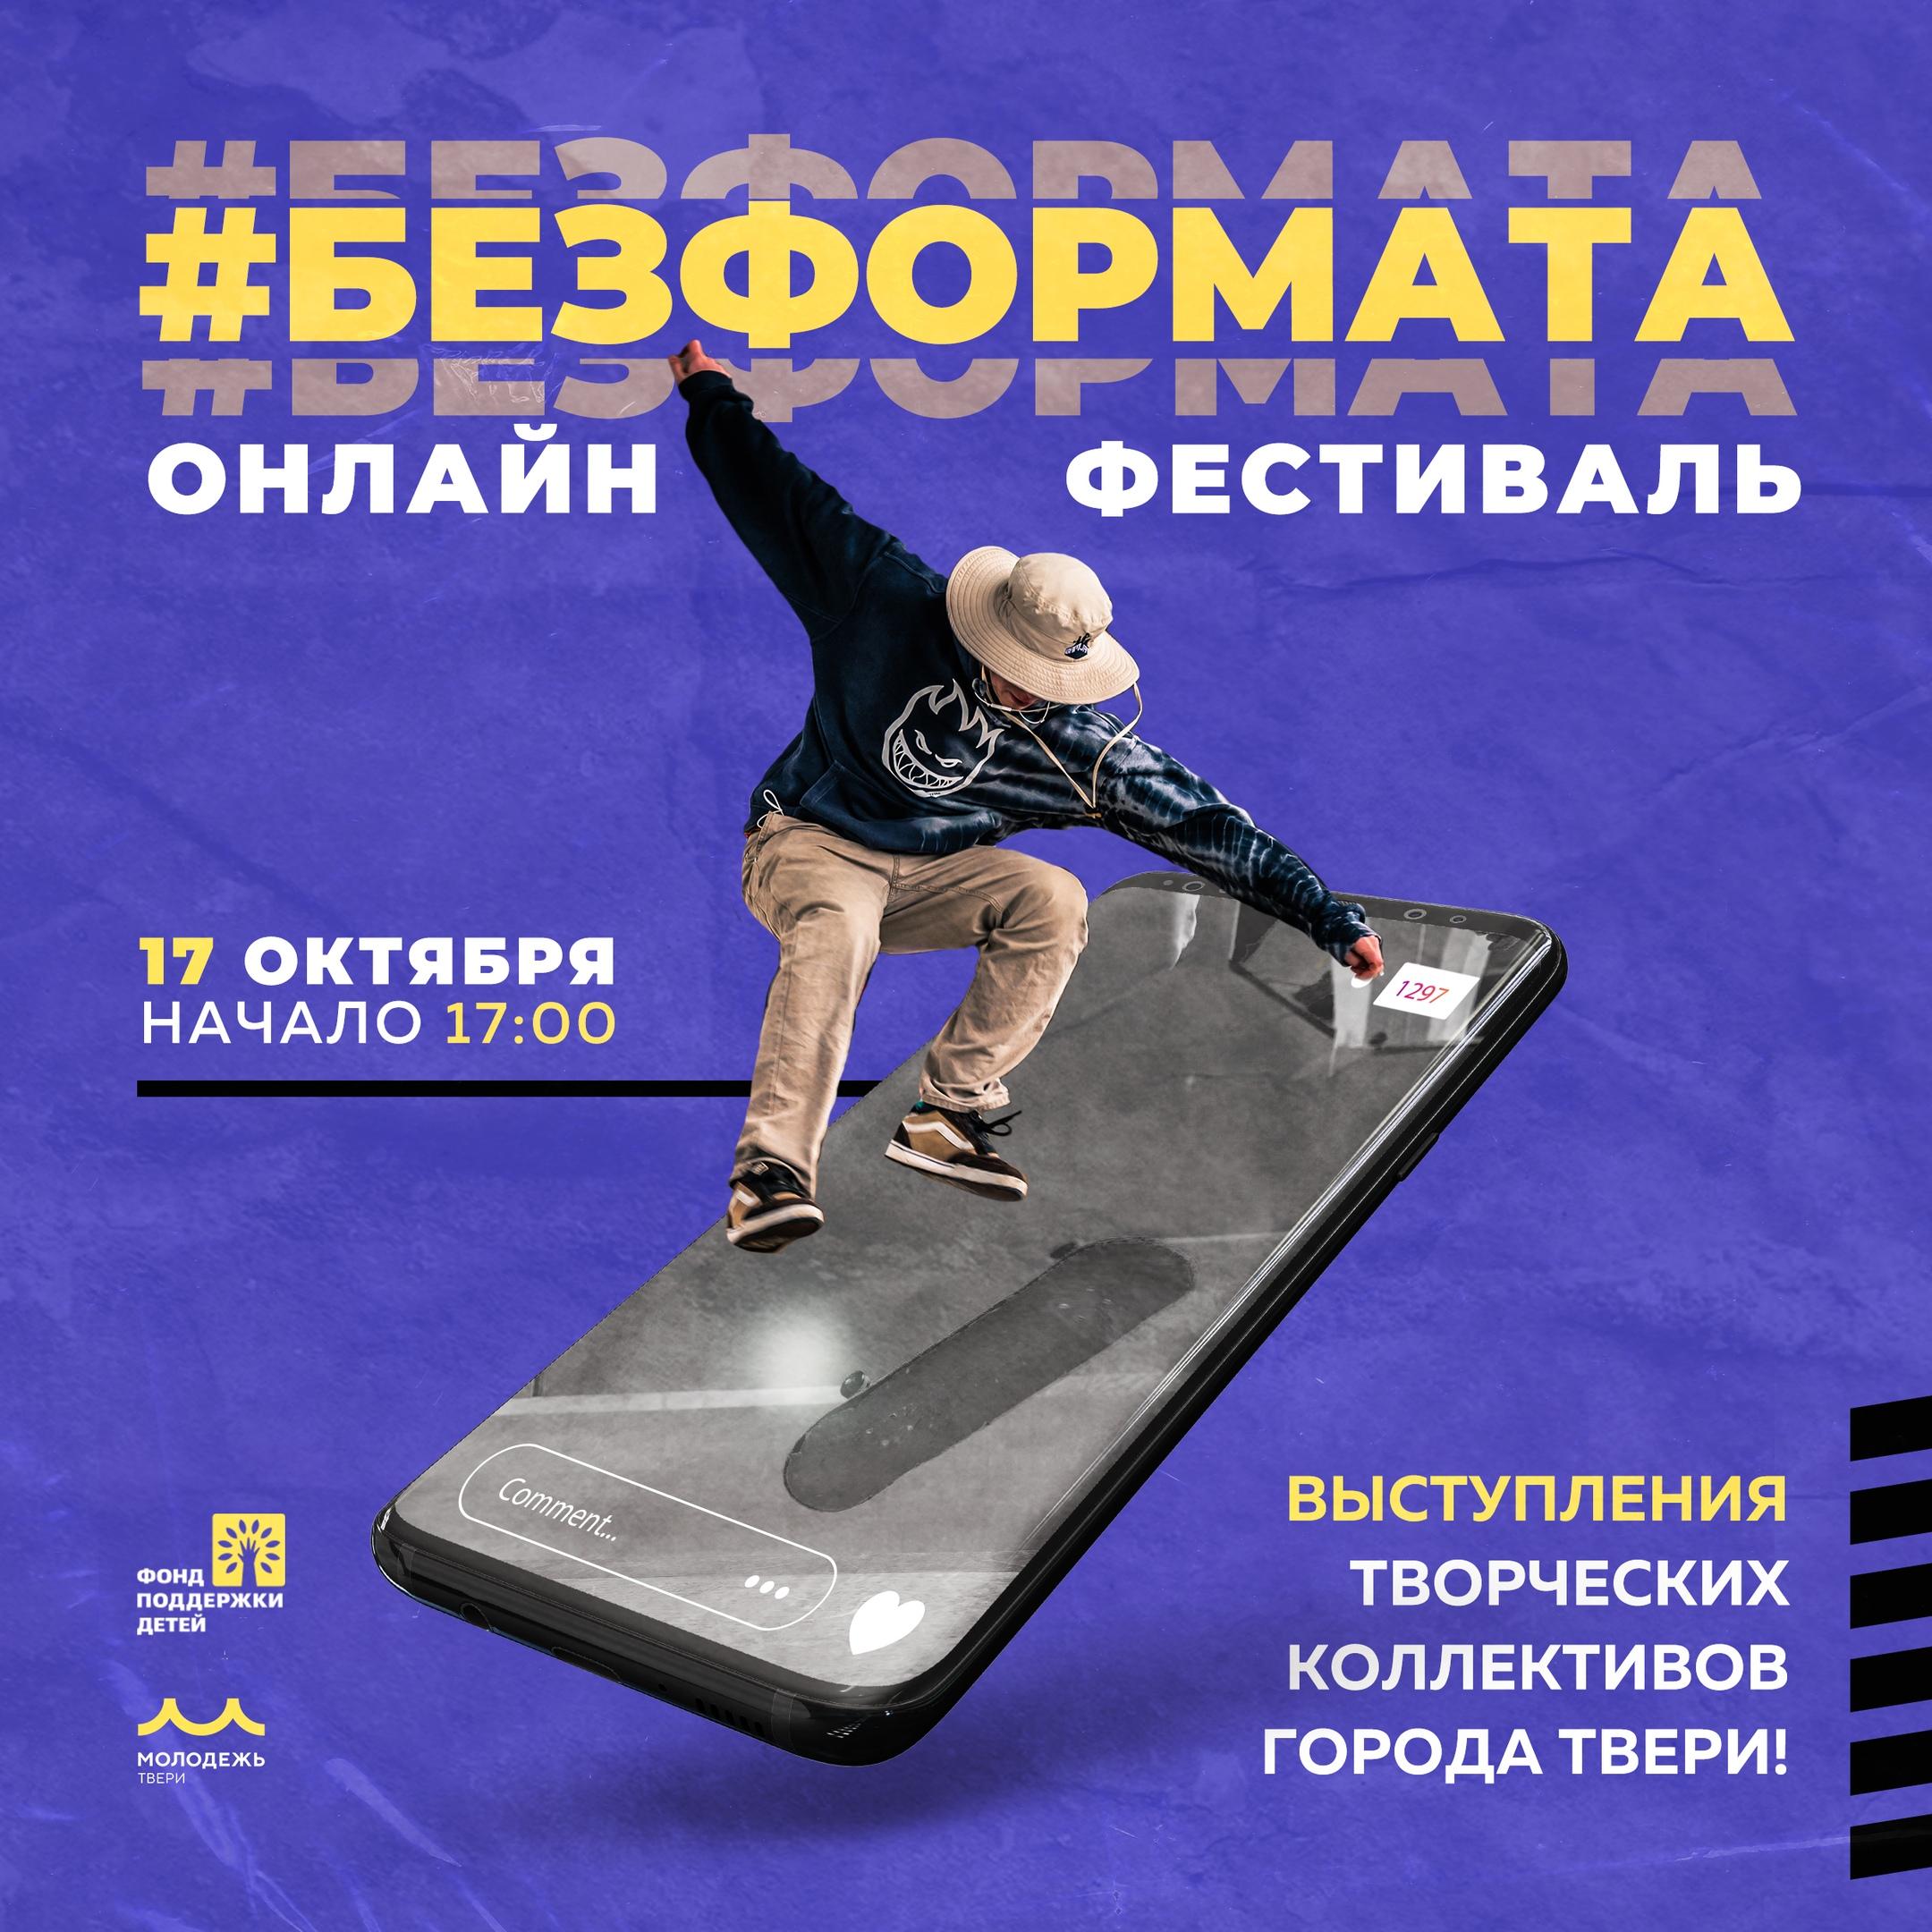 В Твери фестиваль уличной культуры «Без формата» пройдет в онлайн формате